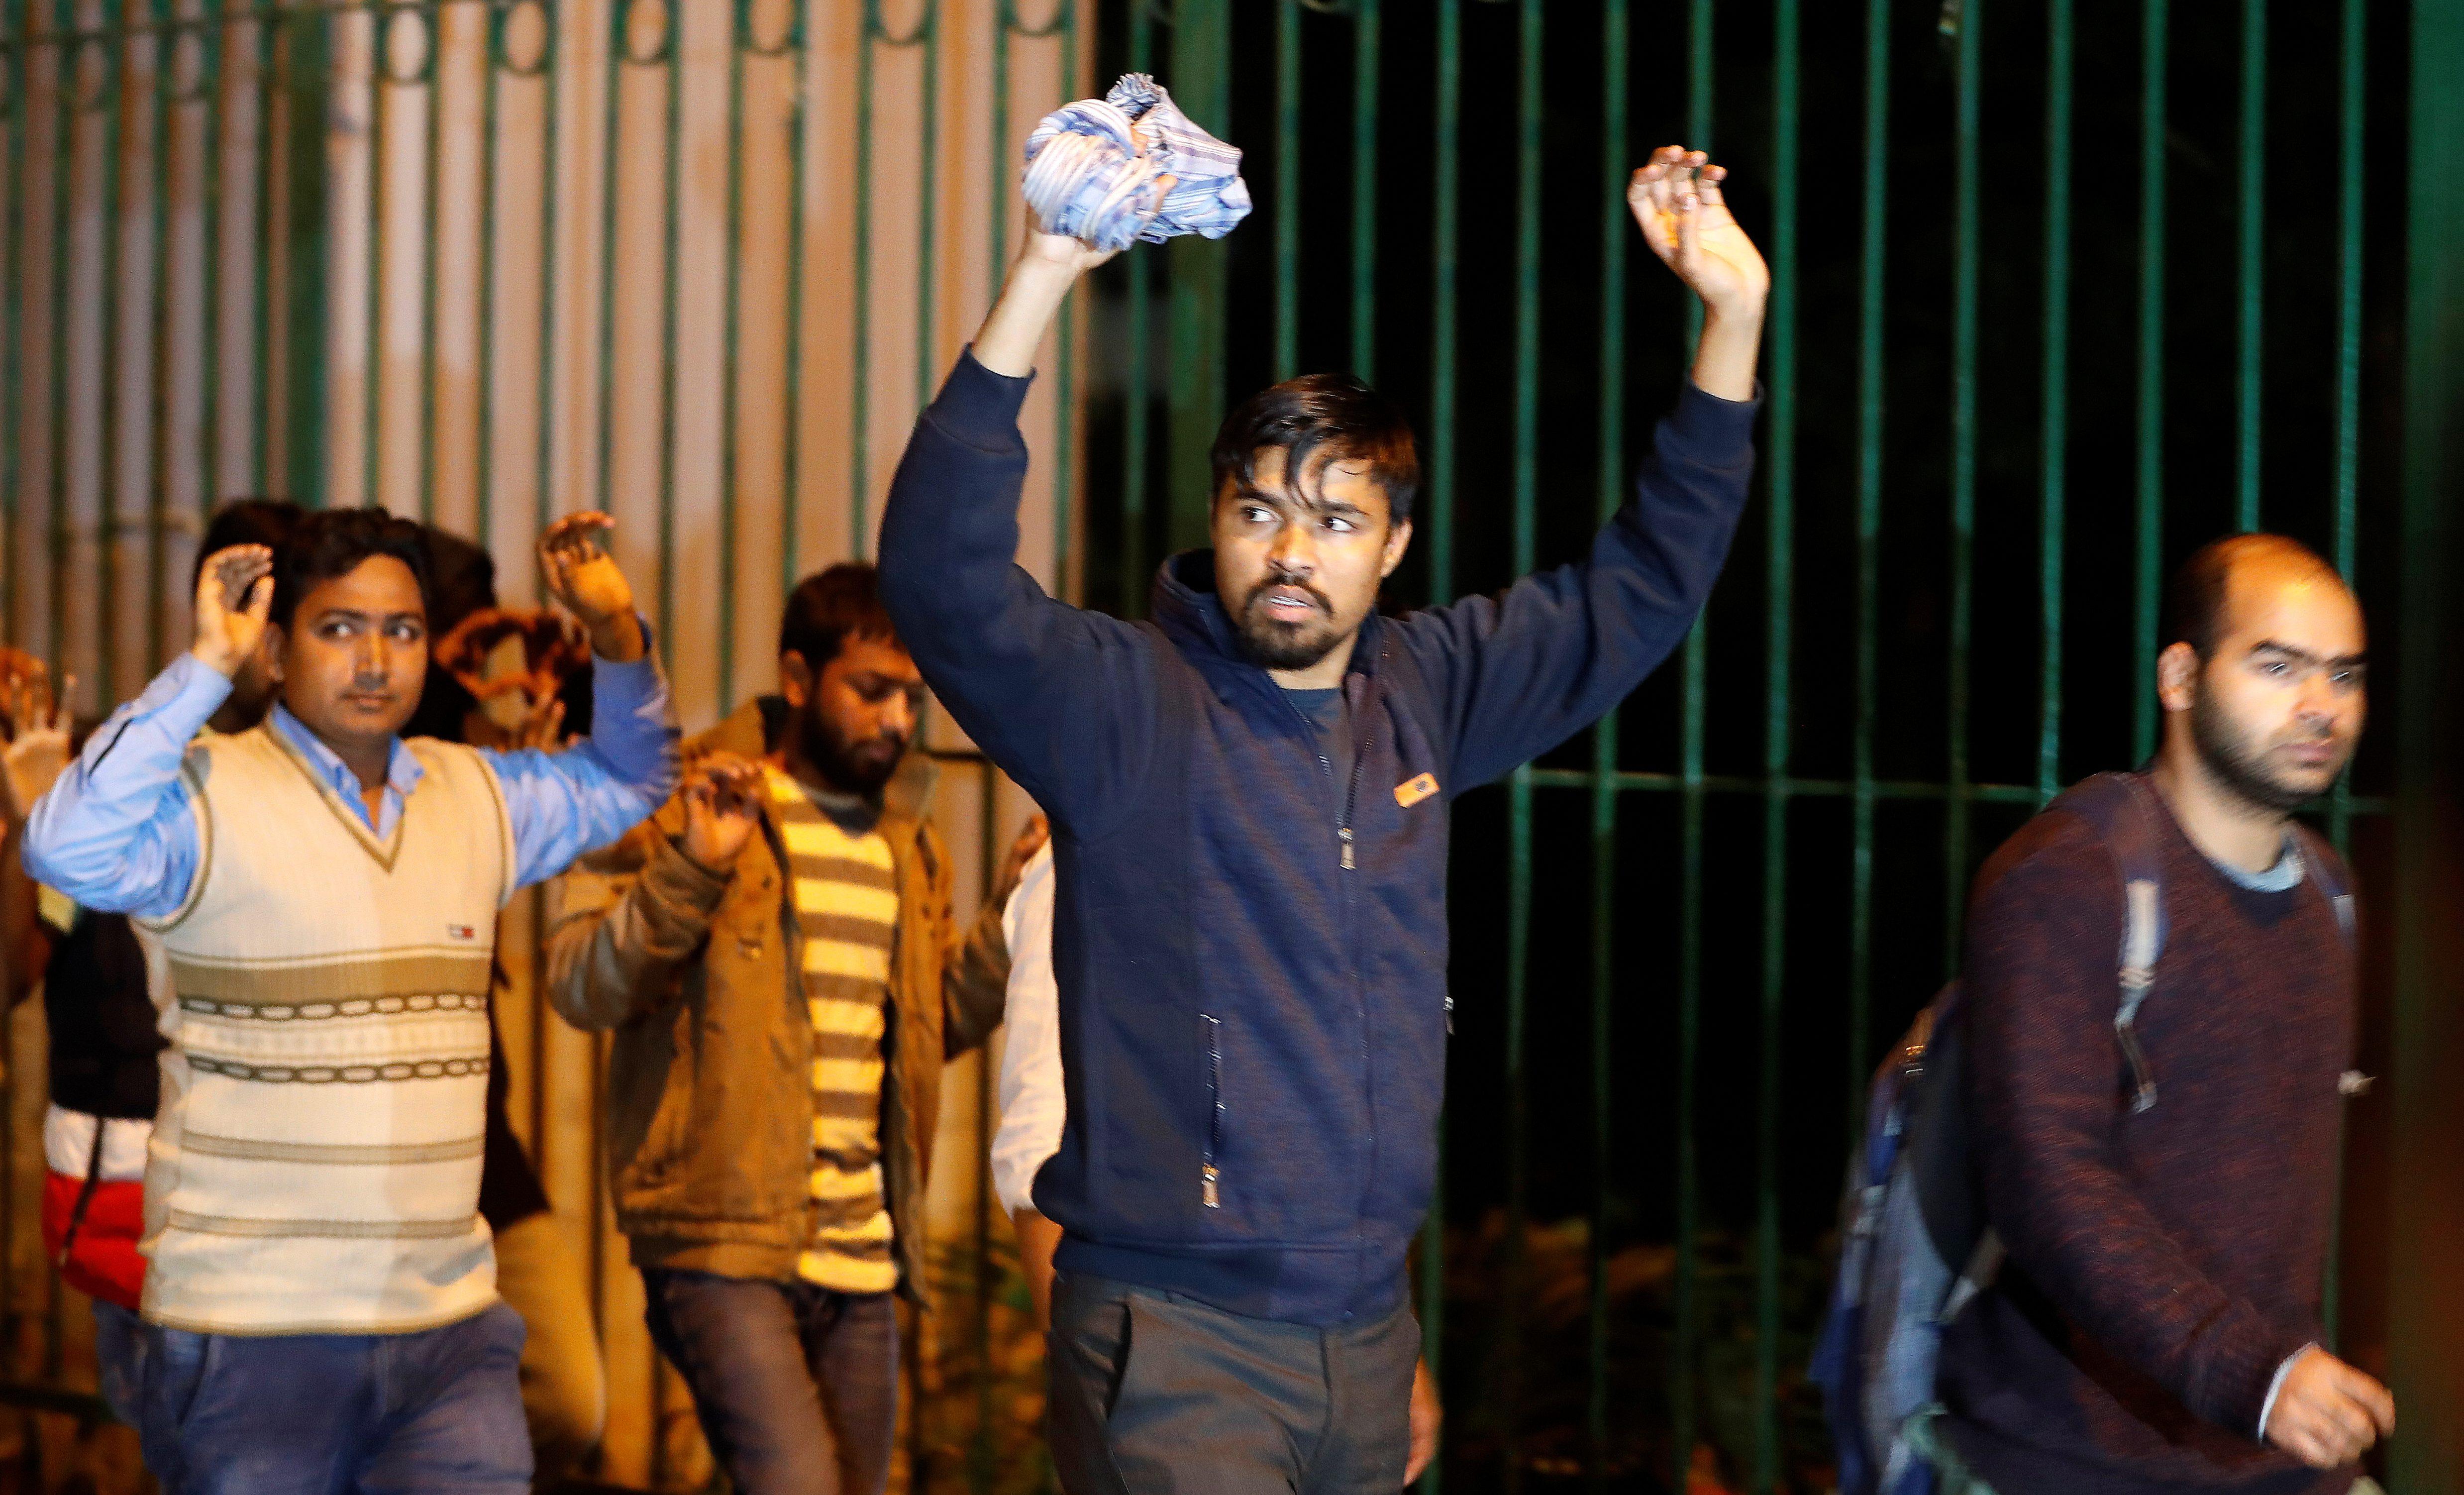 I saw Delhi police target Jamia Millia Islamia's Muslim students